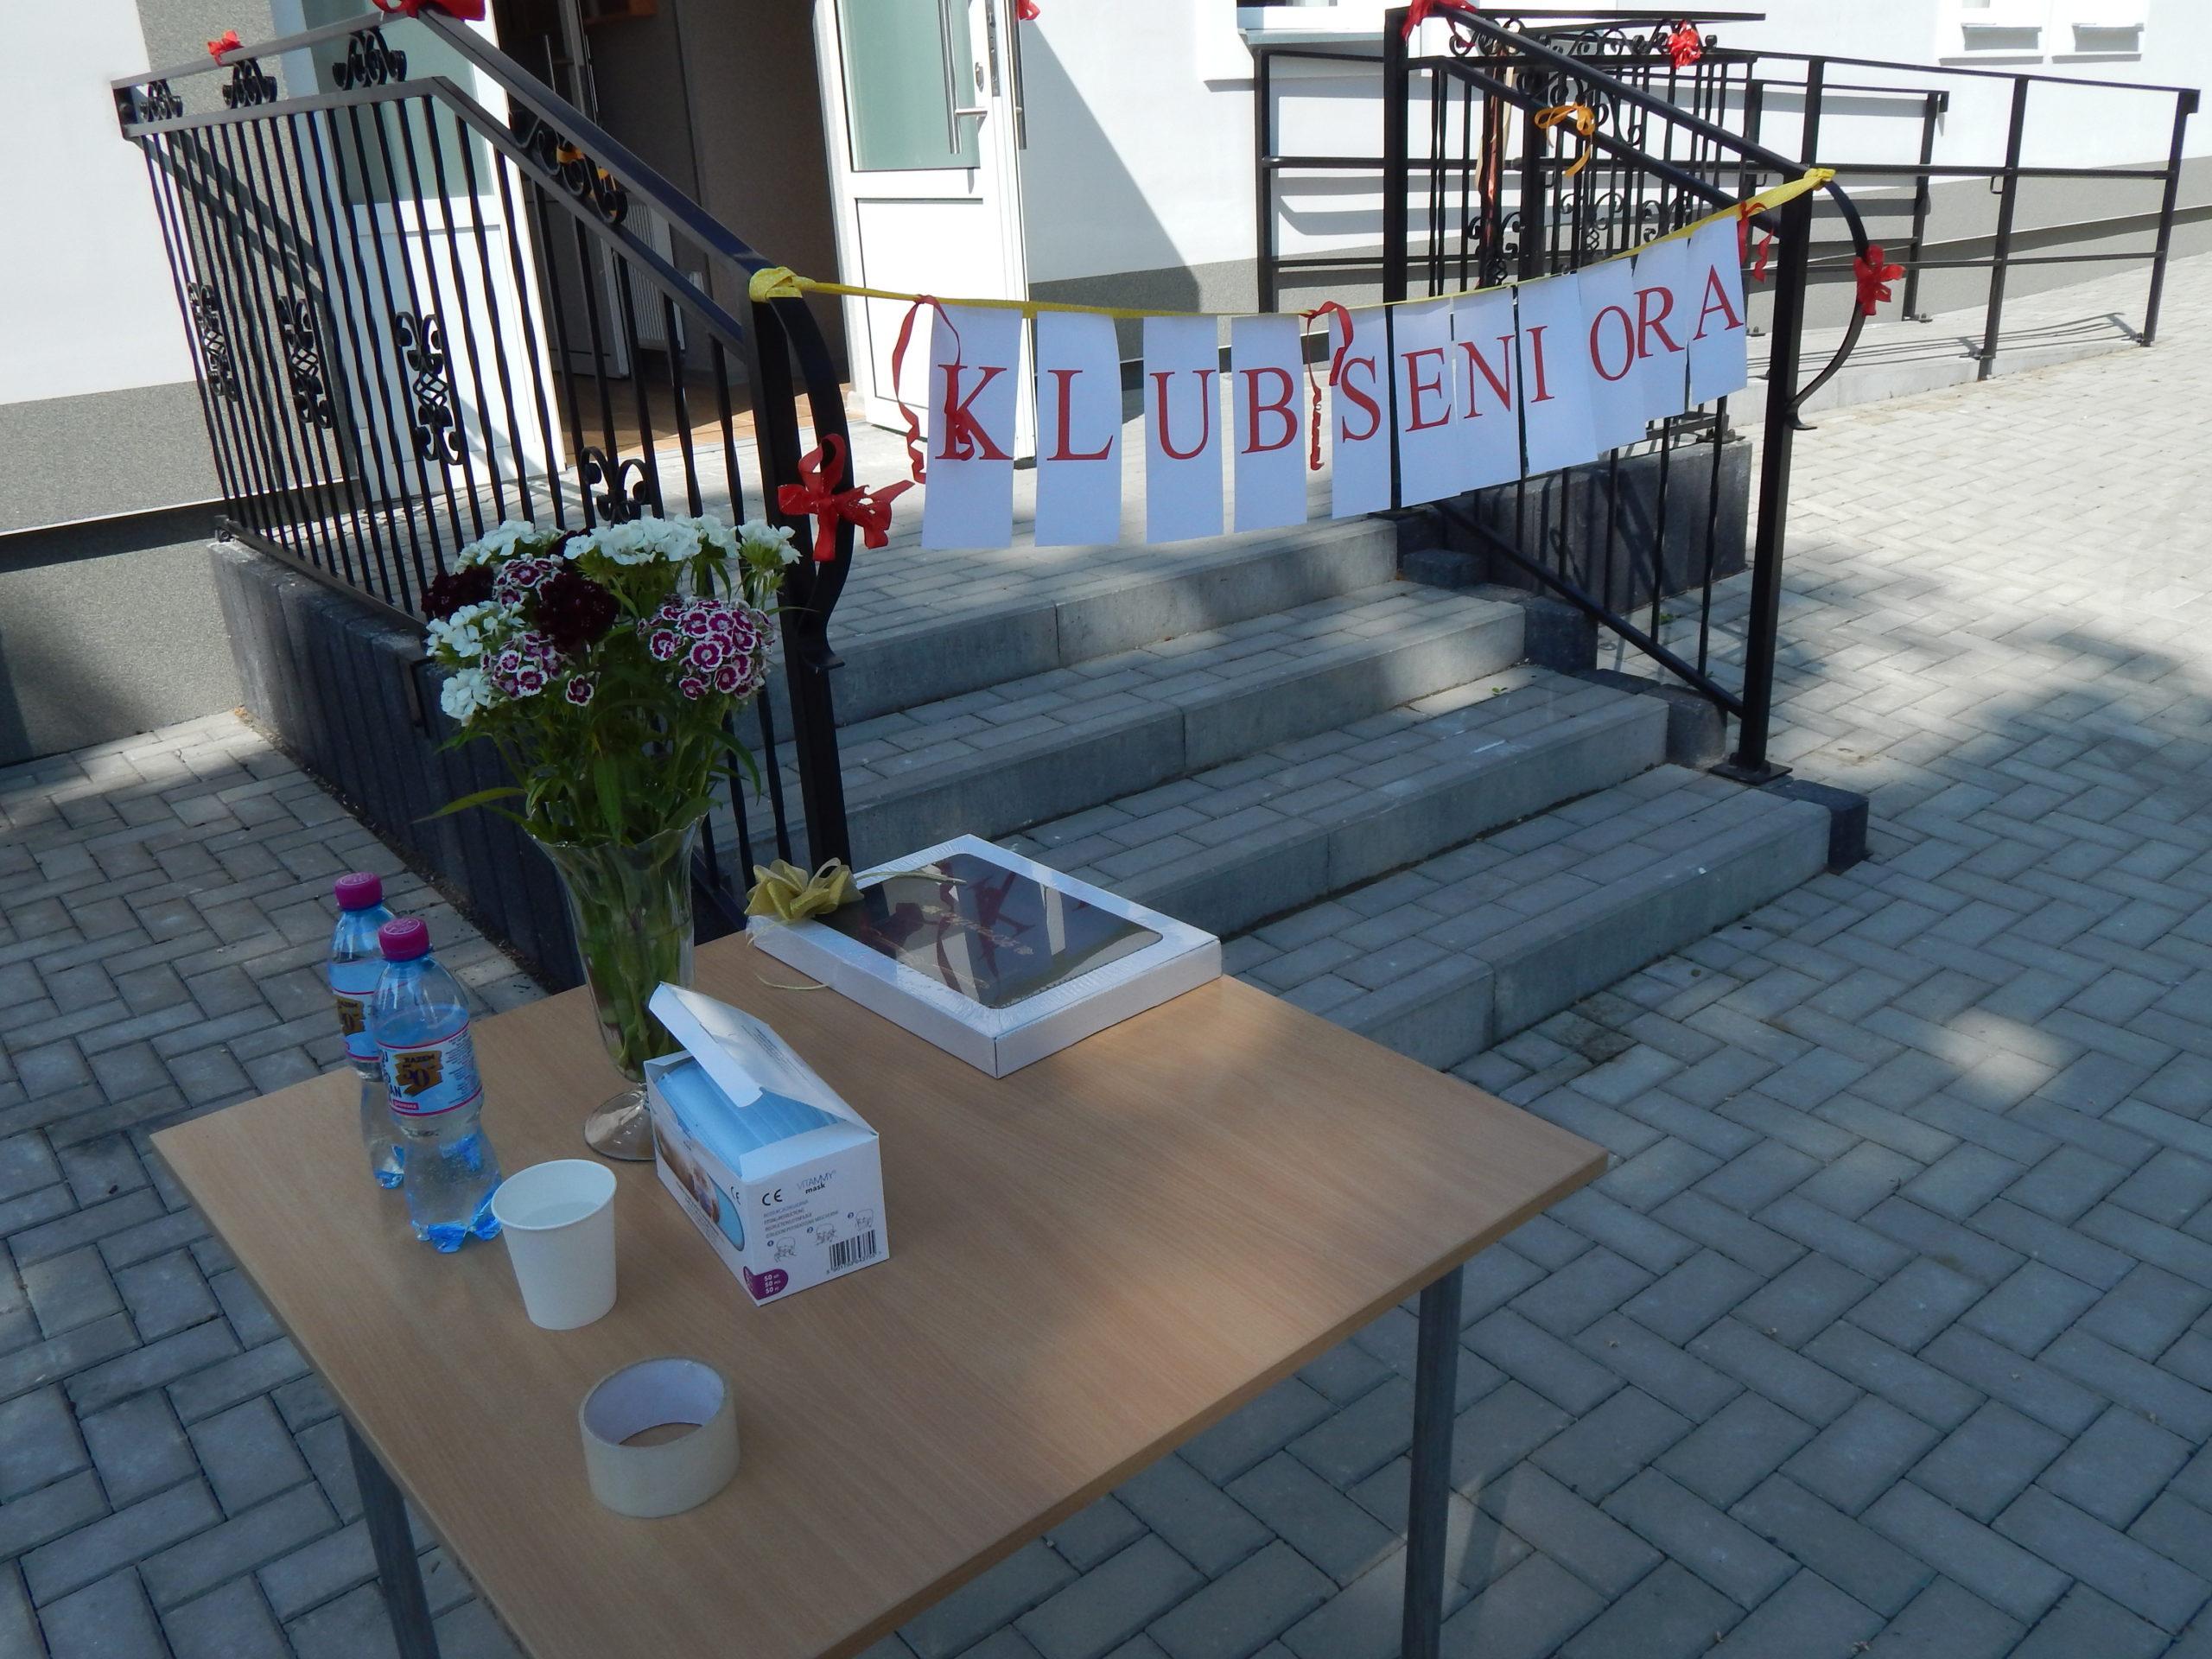 Uroczyste otwarcie Klubu Seniora w Gryfowie